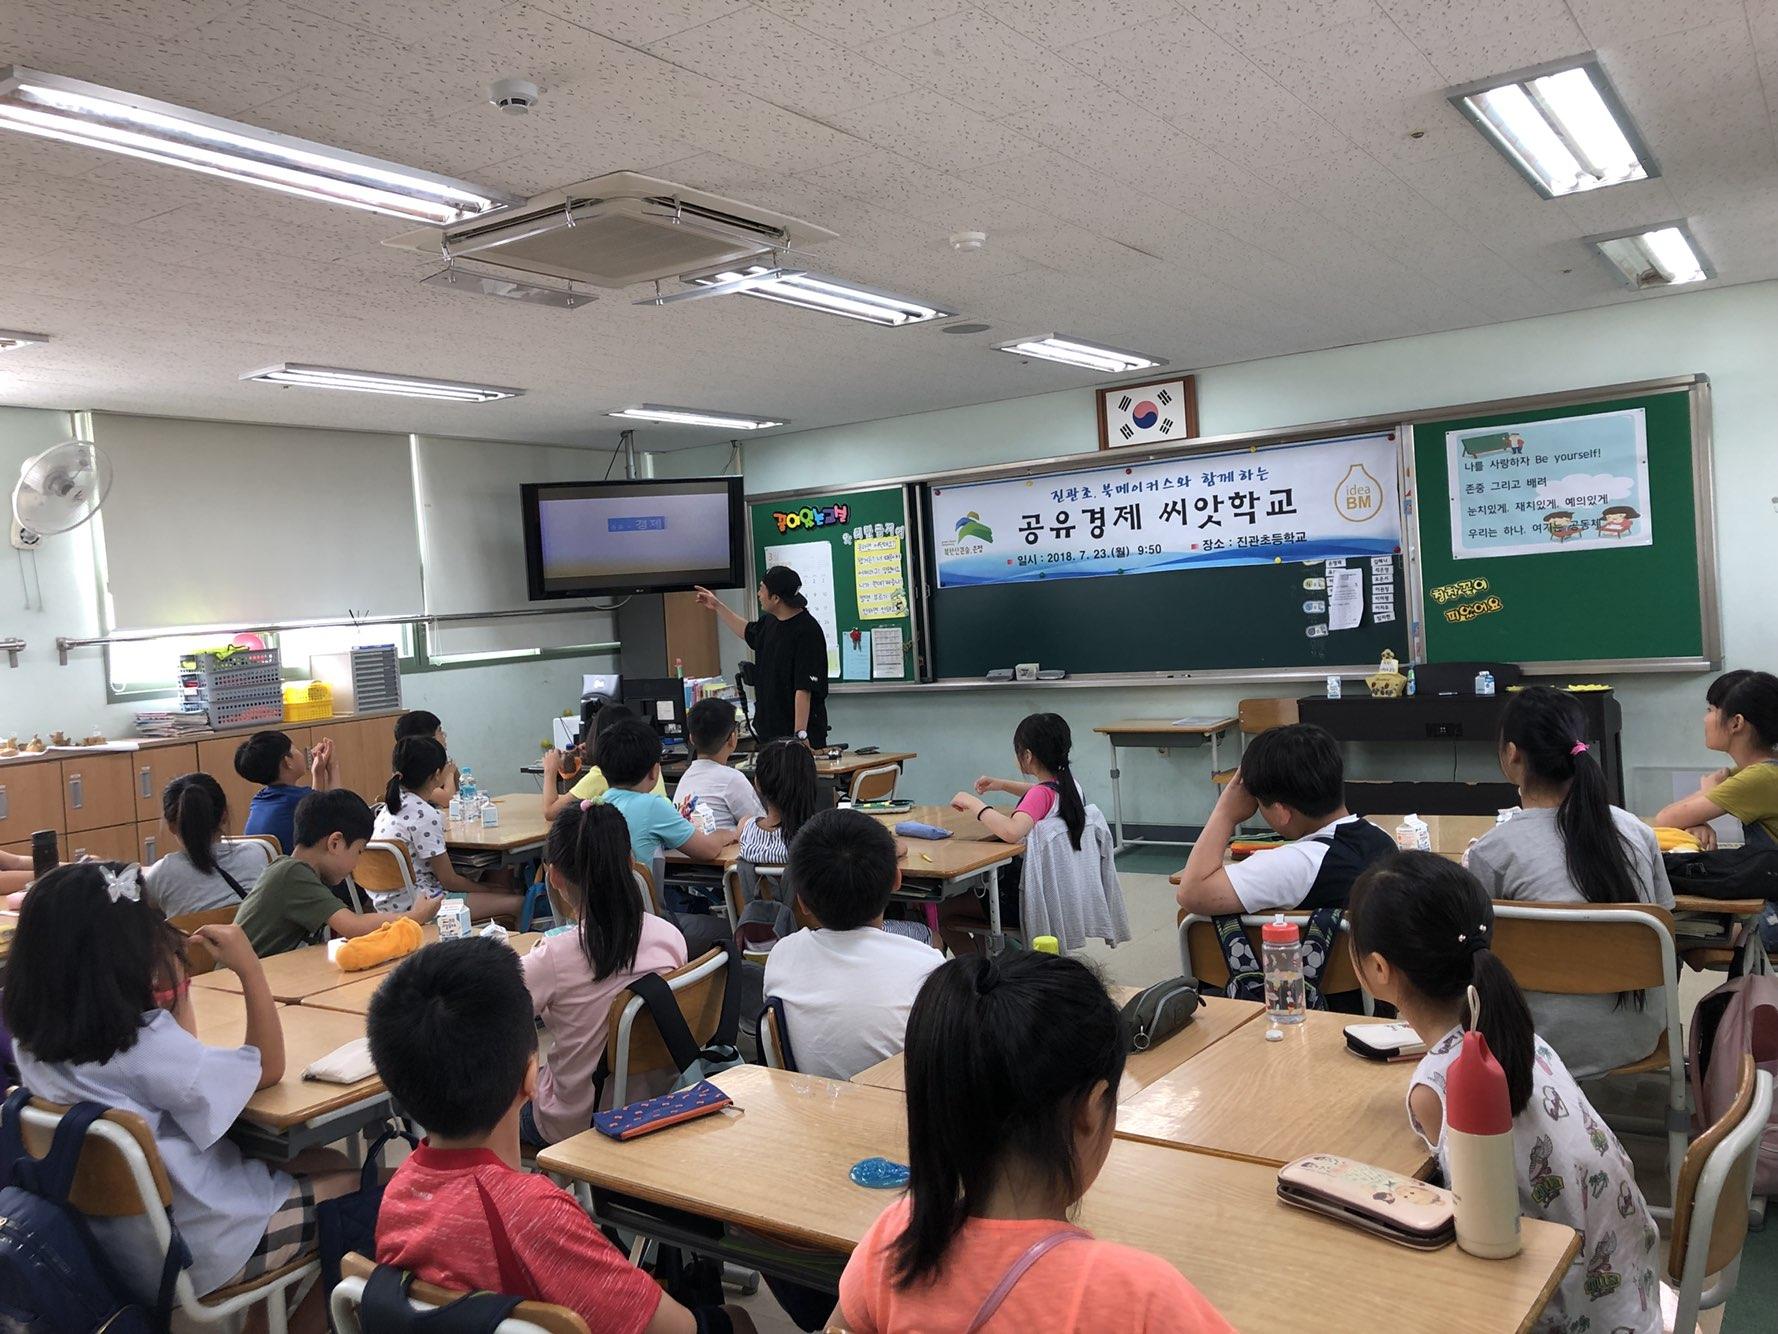 2018 은평구 공유경제 씨앗학교 '진관초등학교'